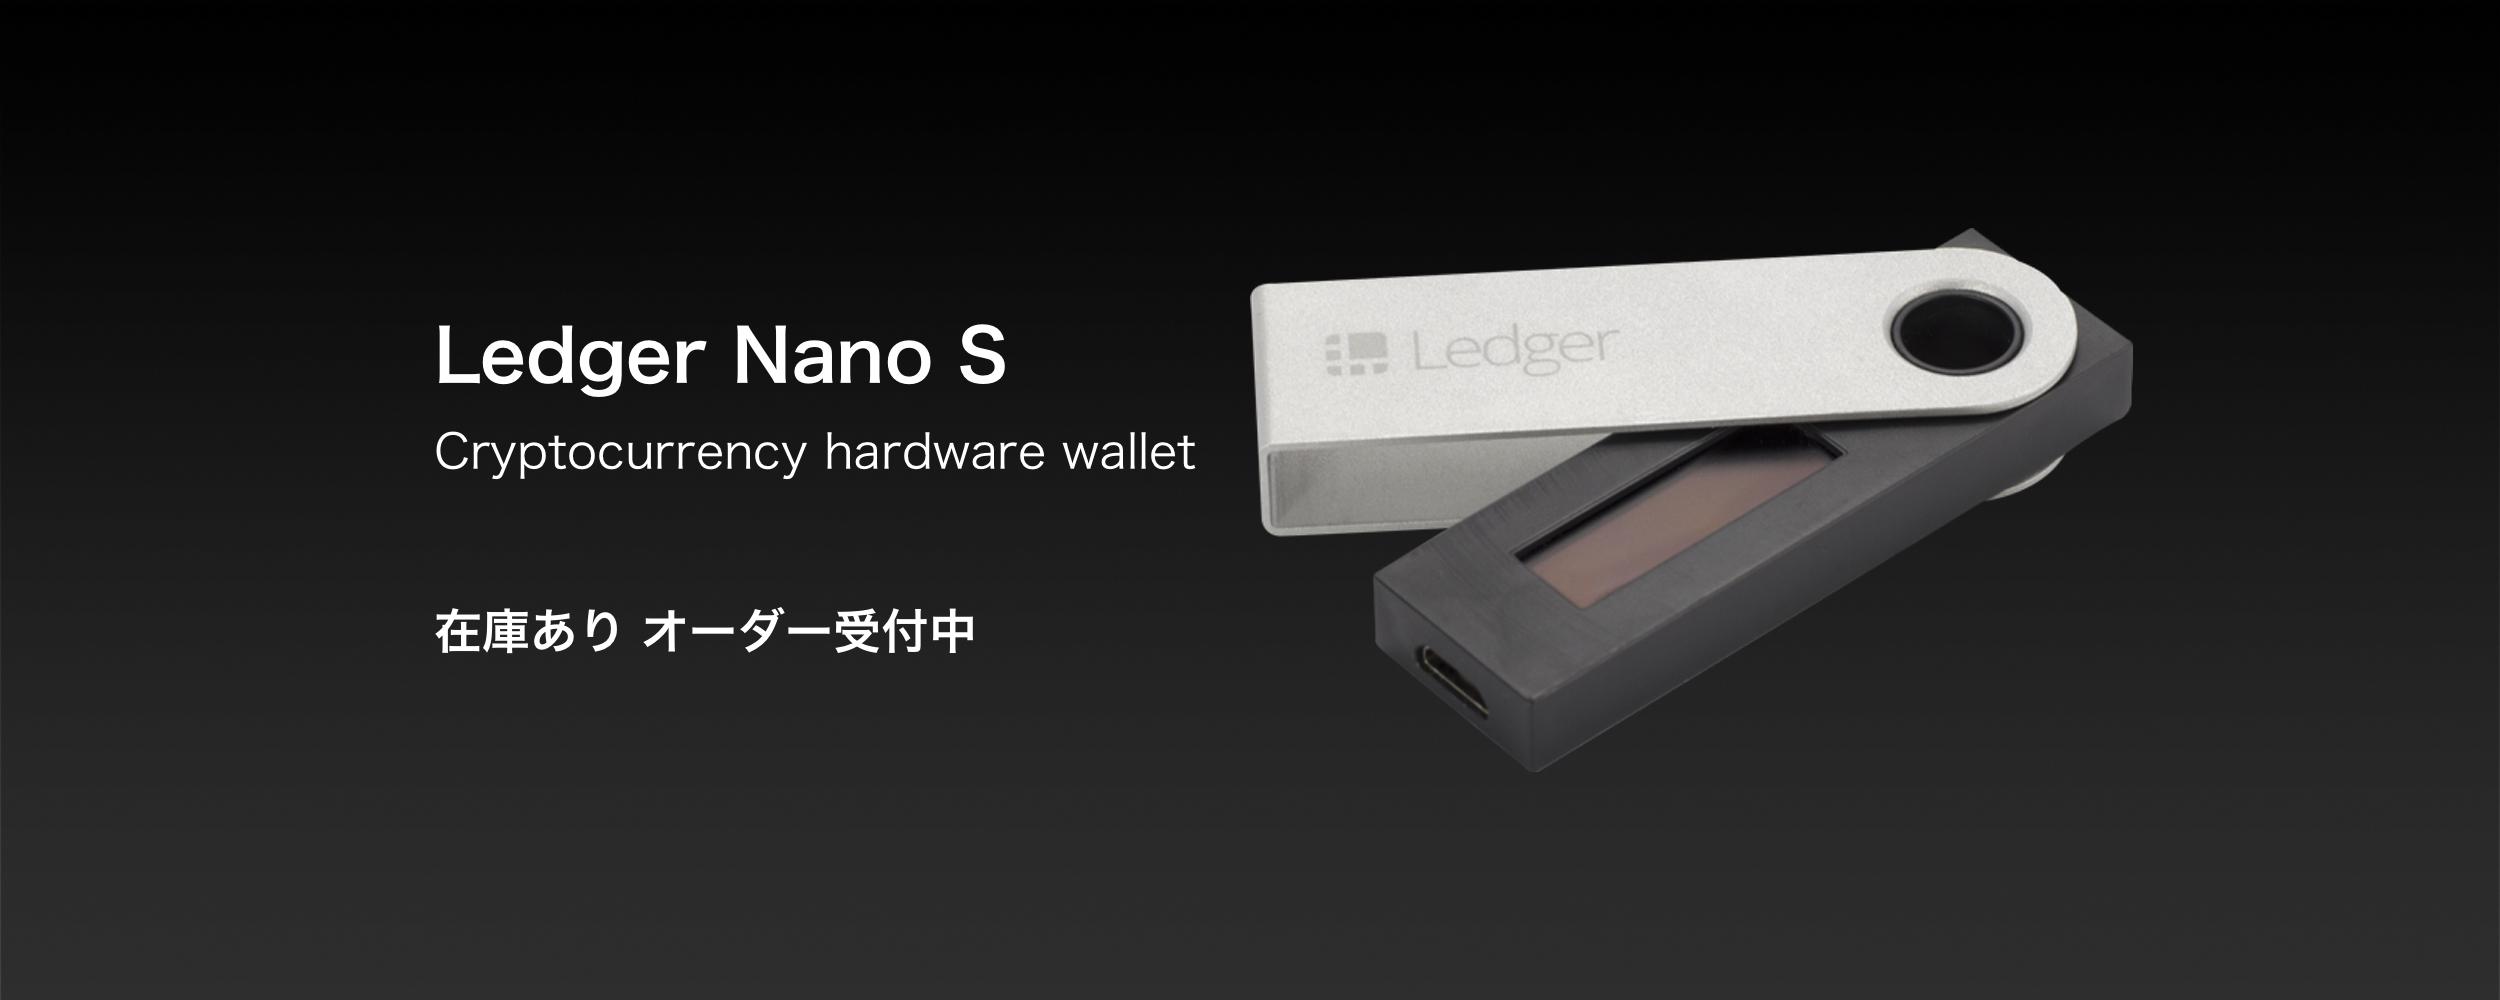 Ledger-Nano-S-2